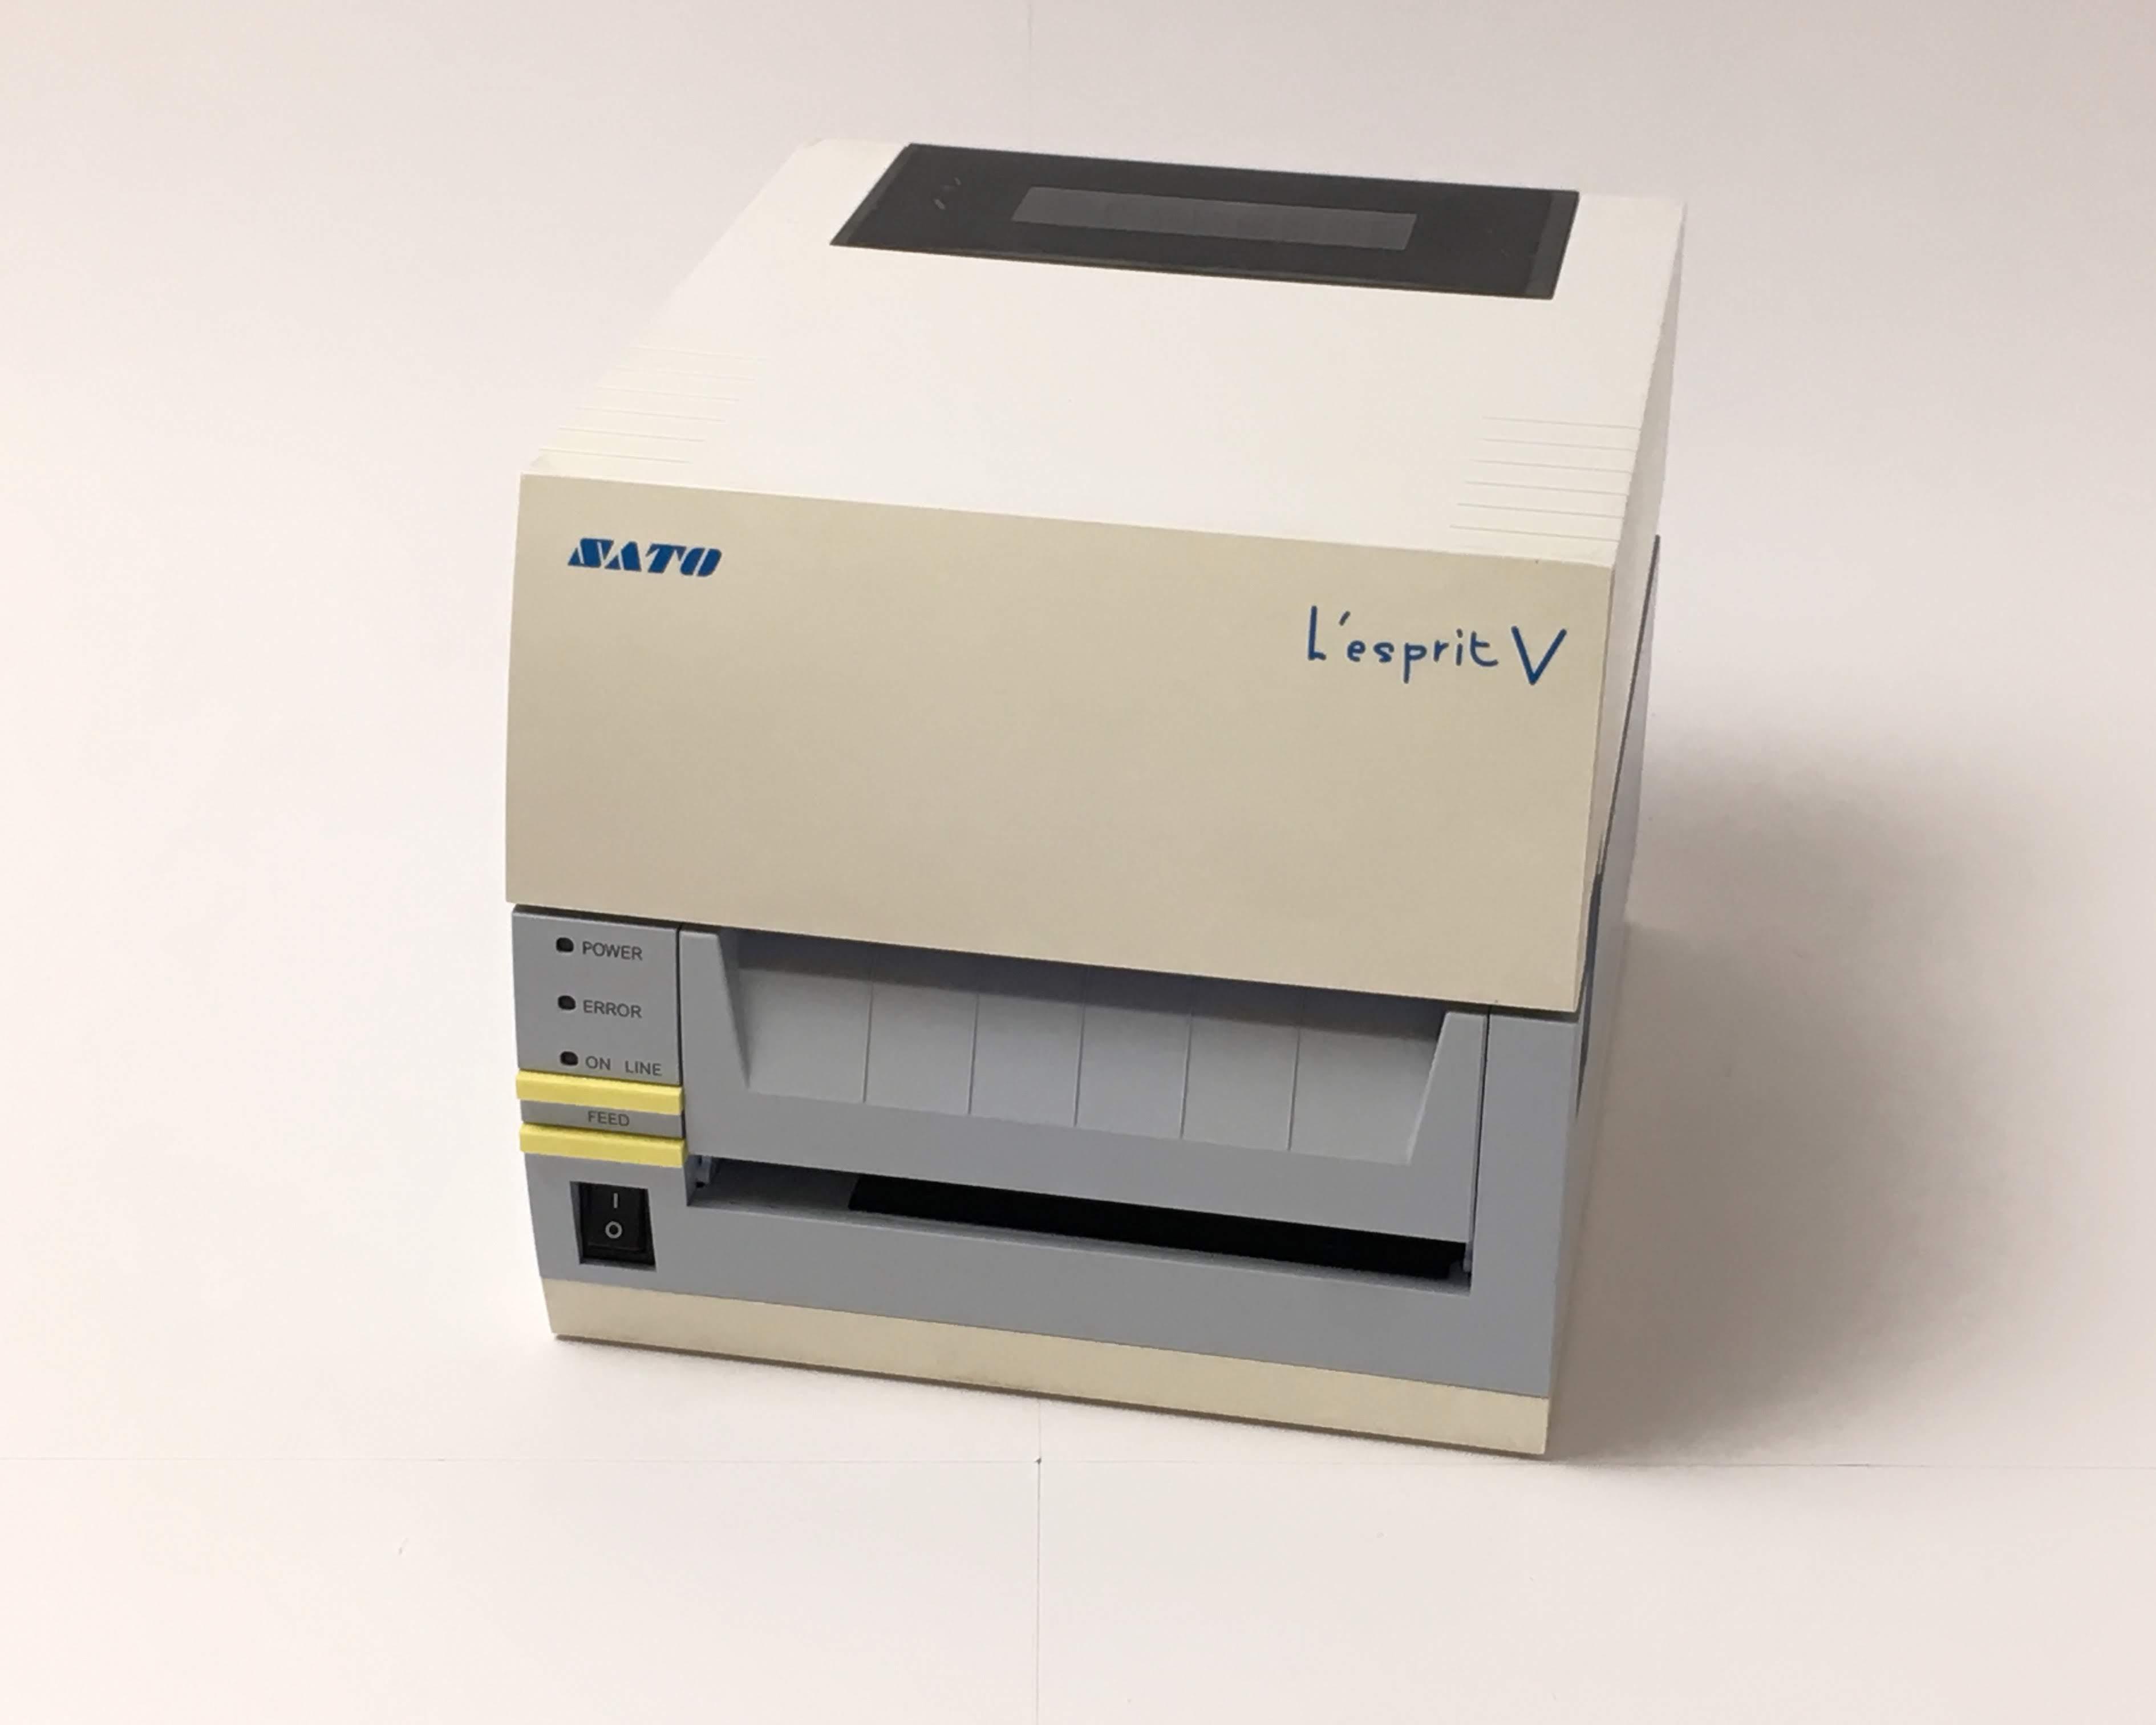 【お買得中古】SATO レスプリ(Lesprit) R408v CT (USB/LAN)  メイン画像